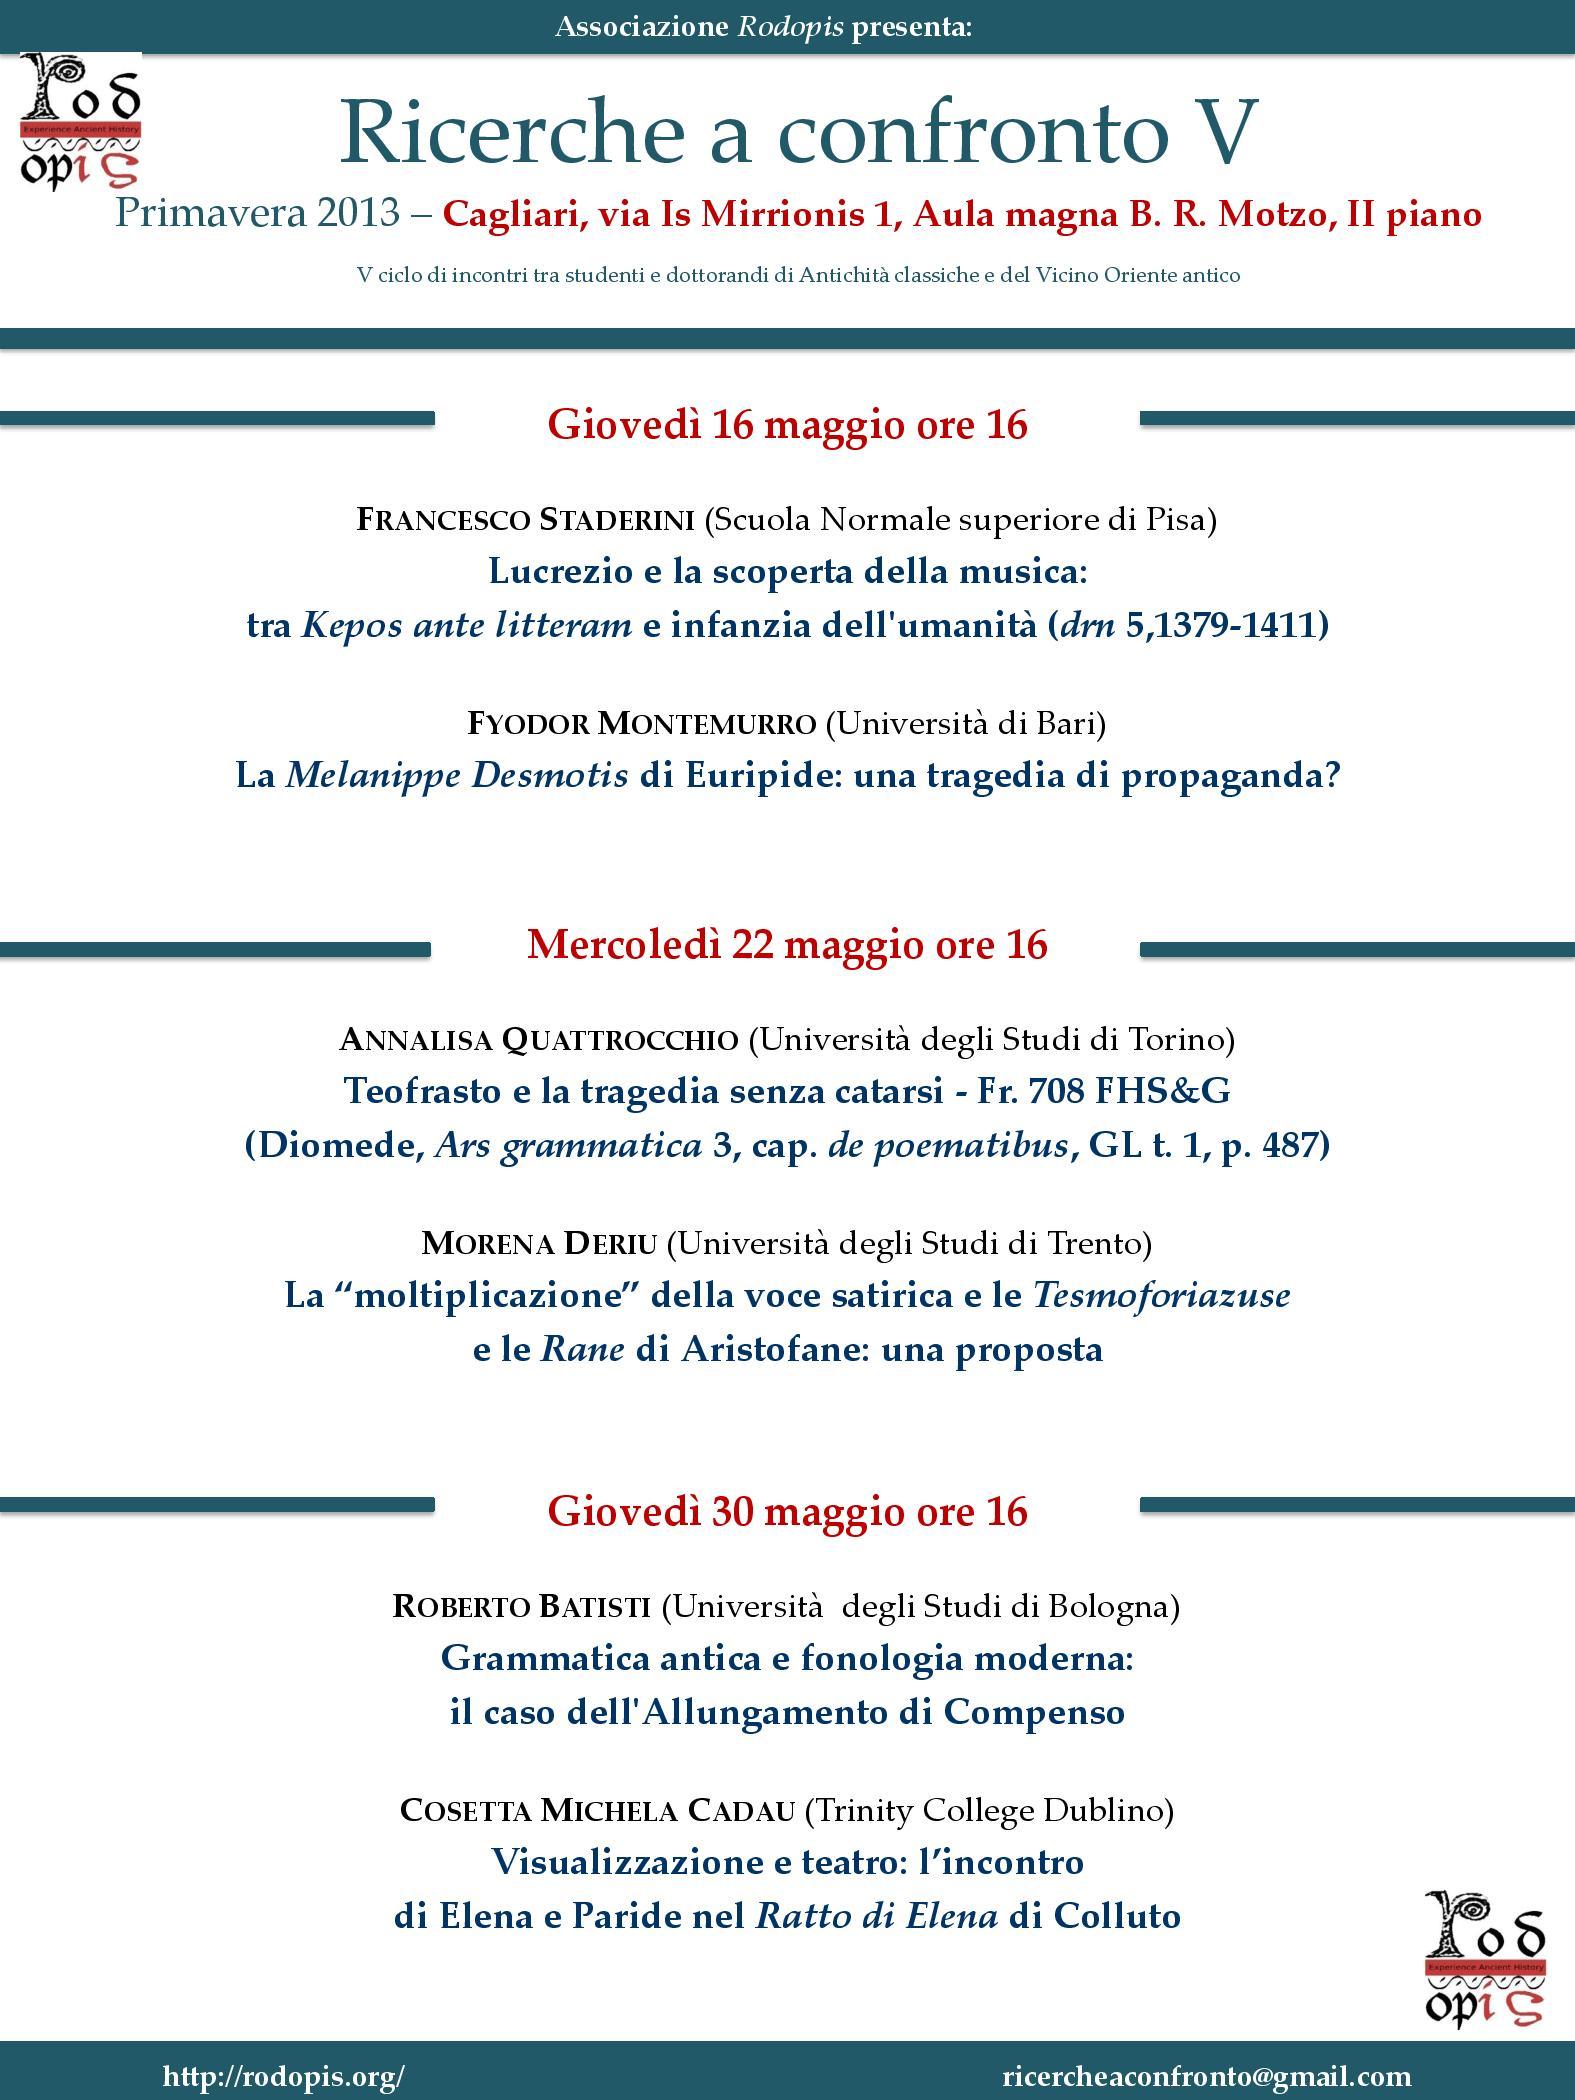 locandina in .pdf